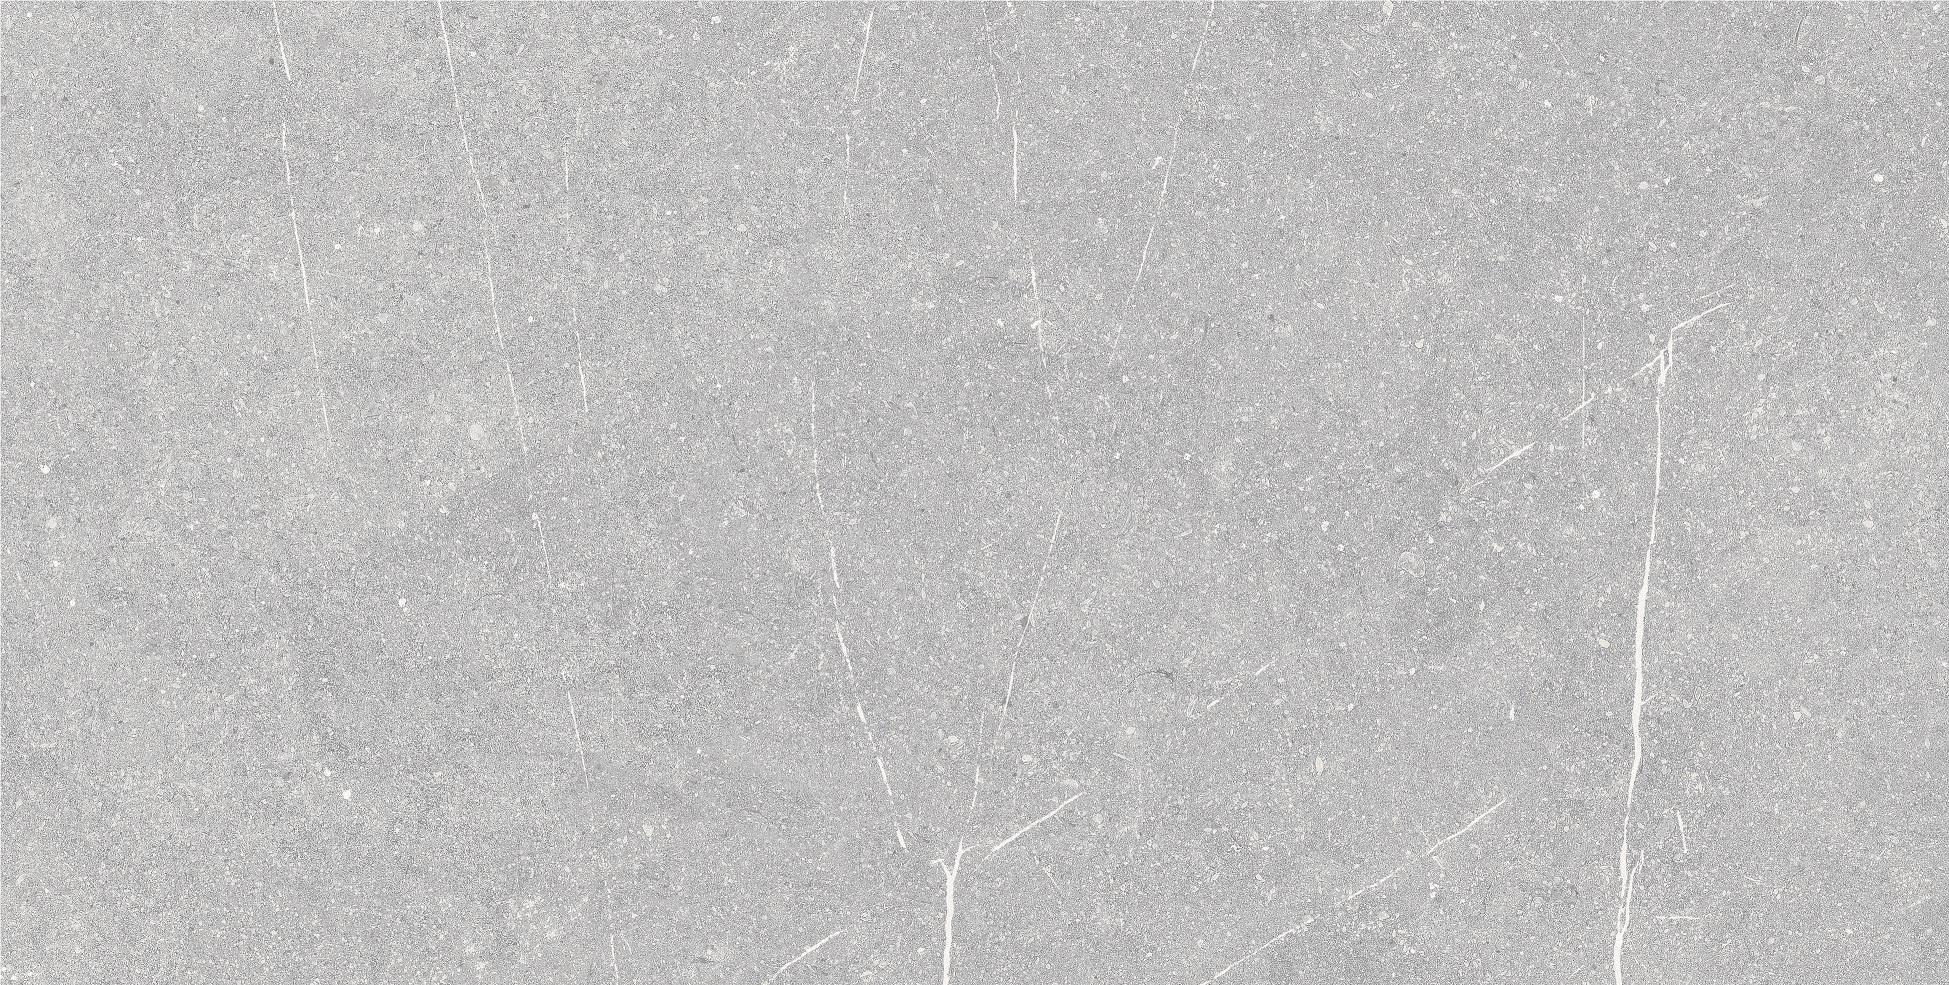 GẠCH ỐP LÁT MỜ VWIN - EVW459015HL - 45x90cm